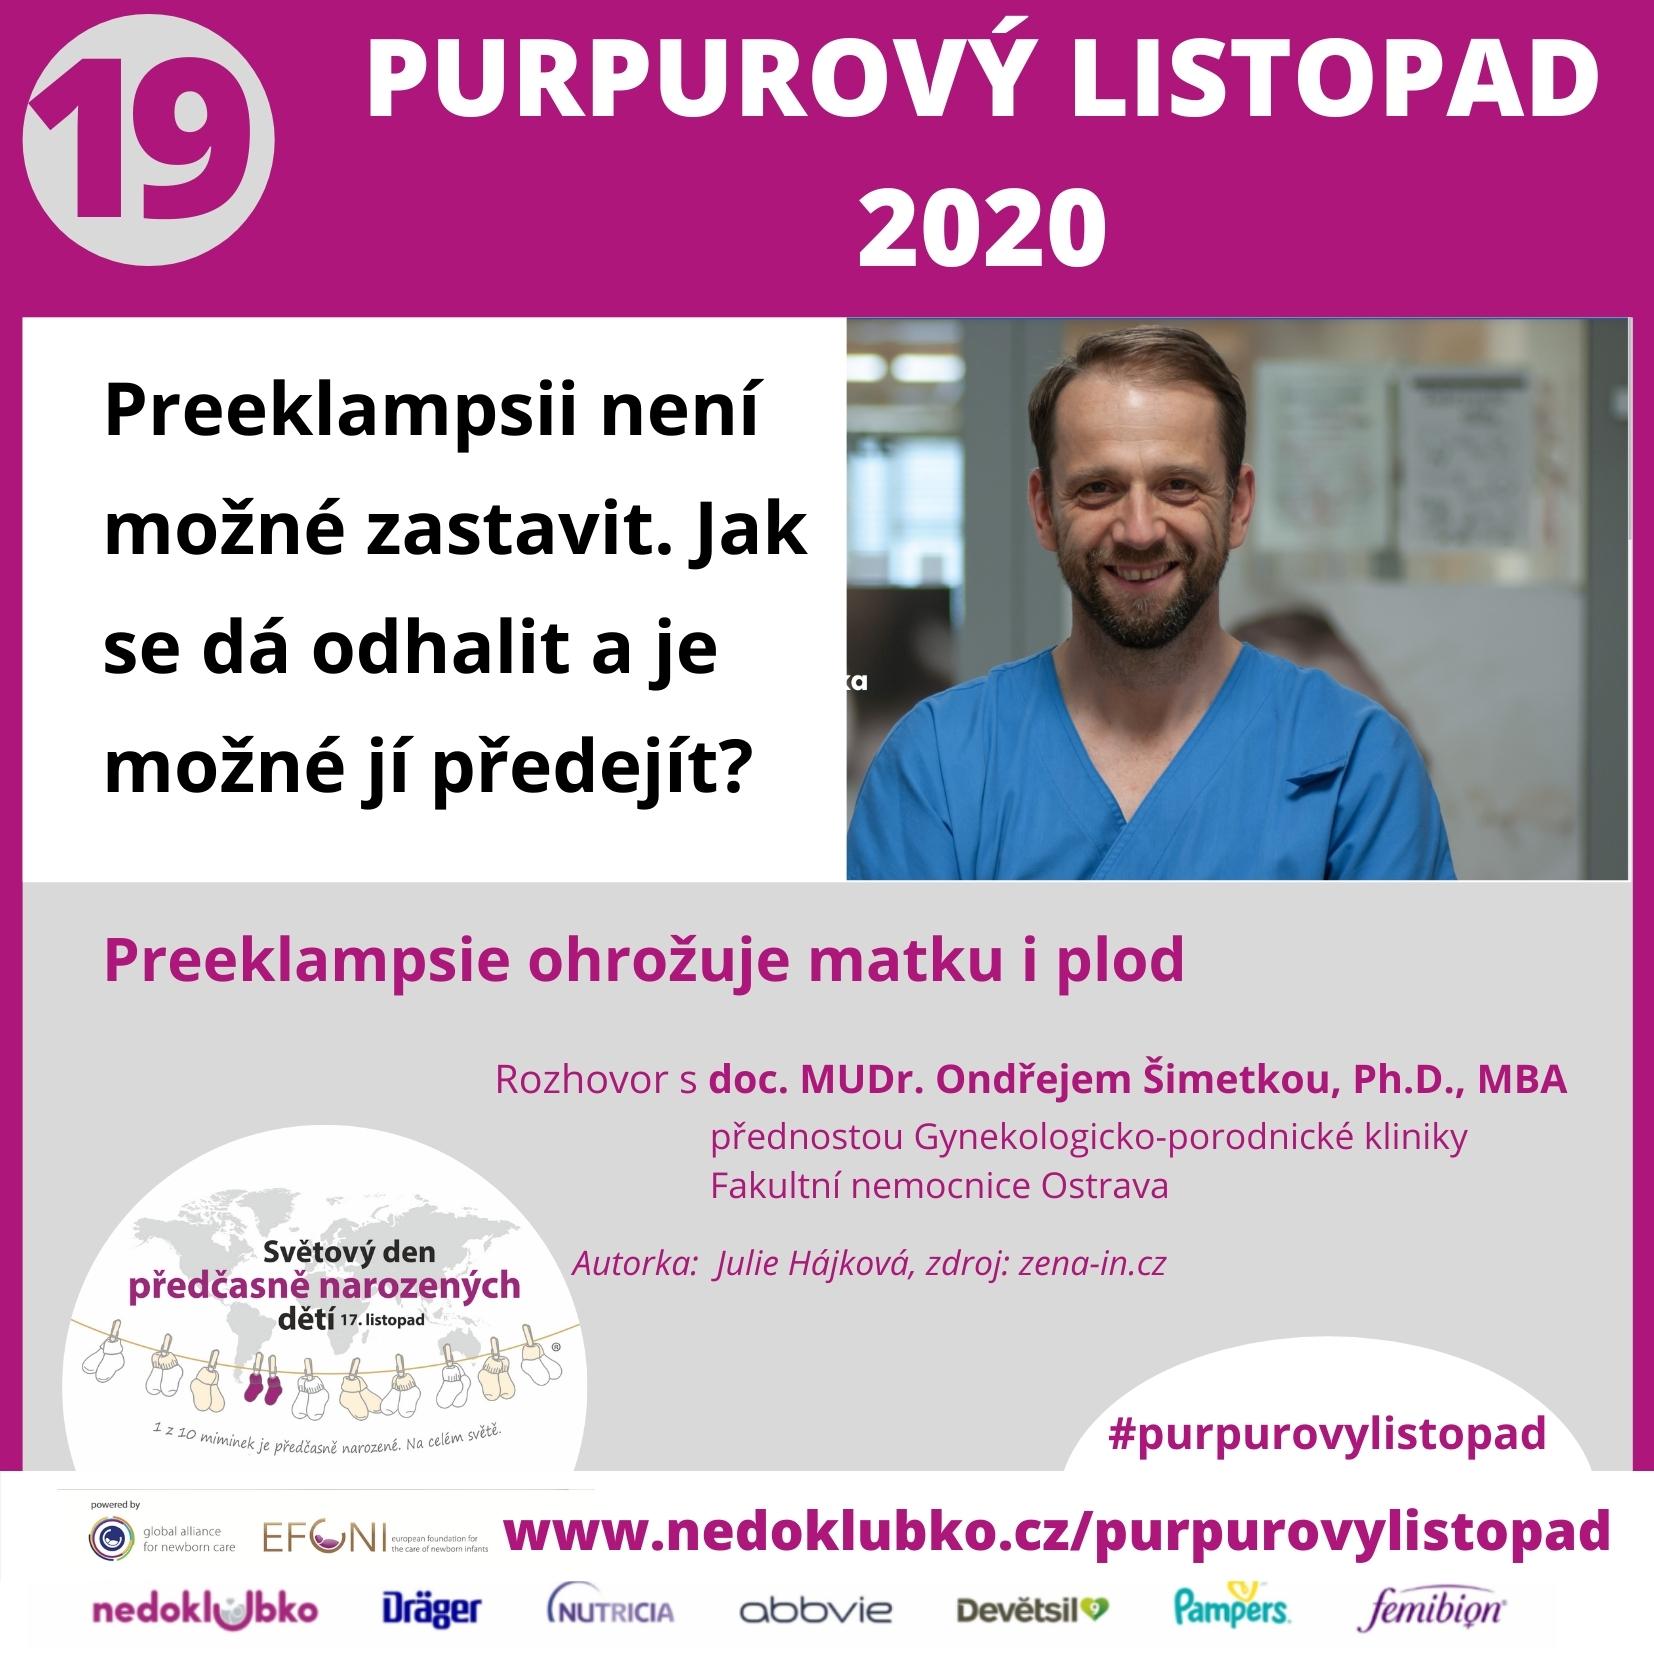 Purpurový listopad19 (1)